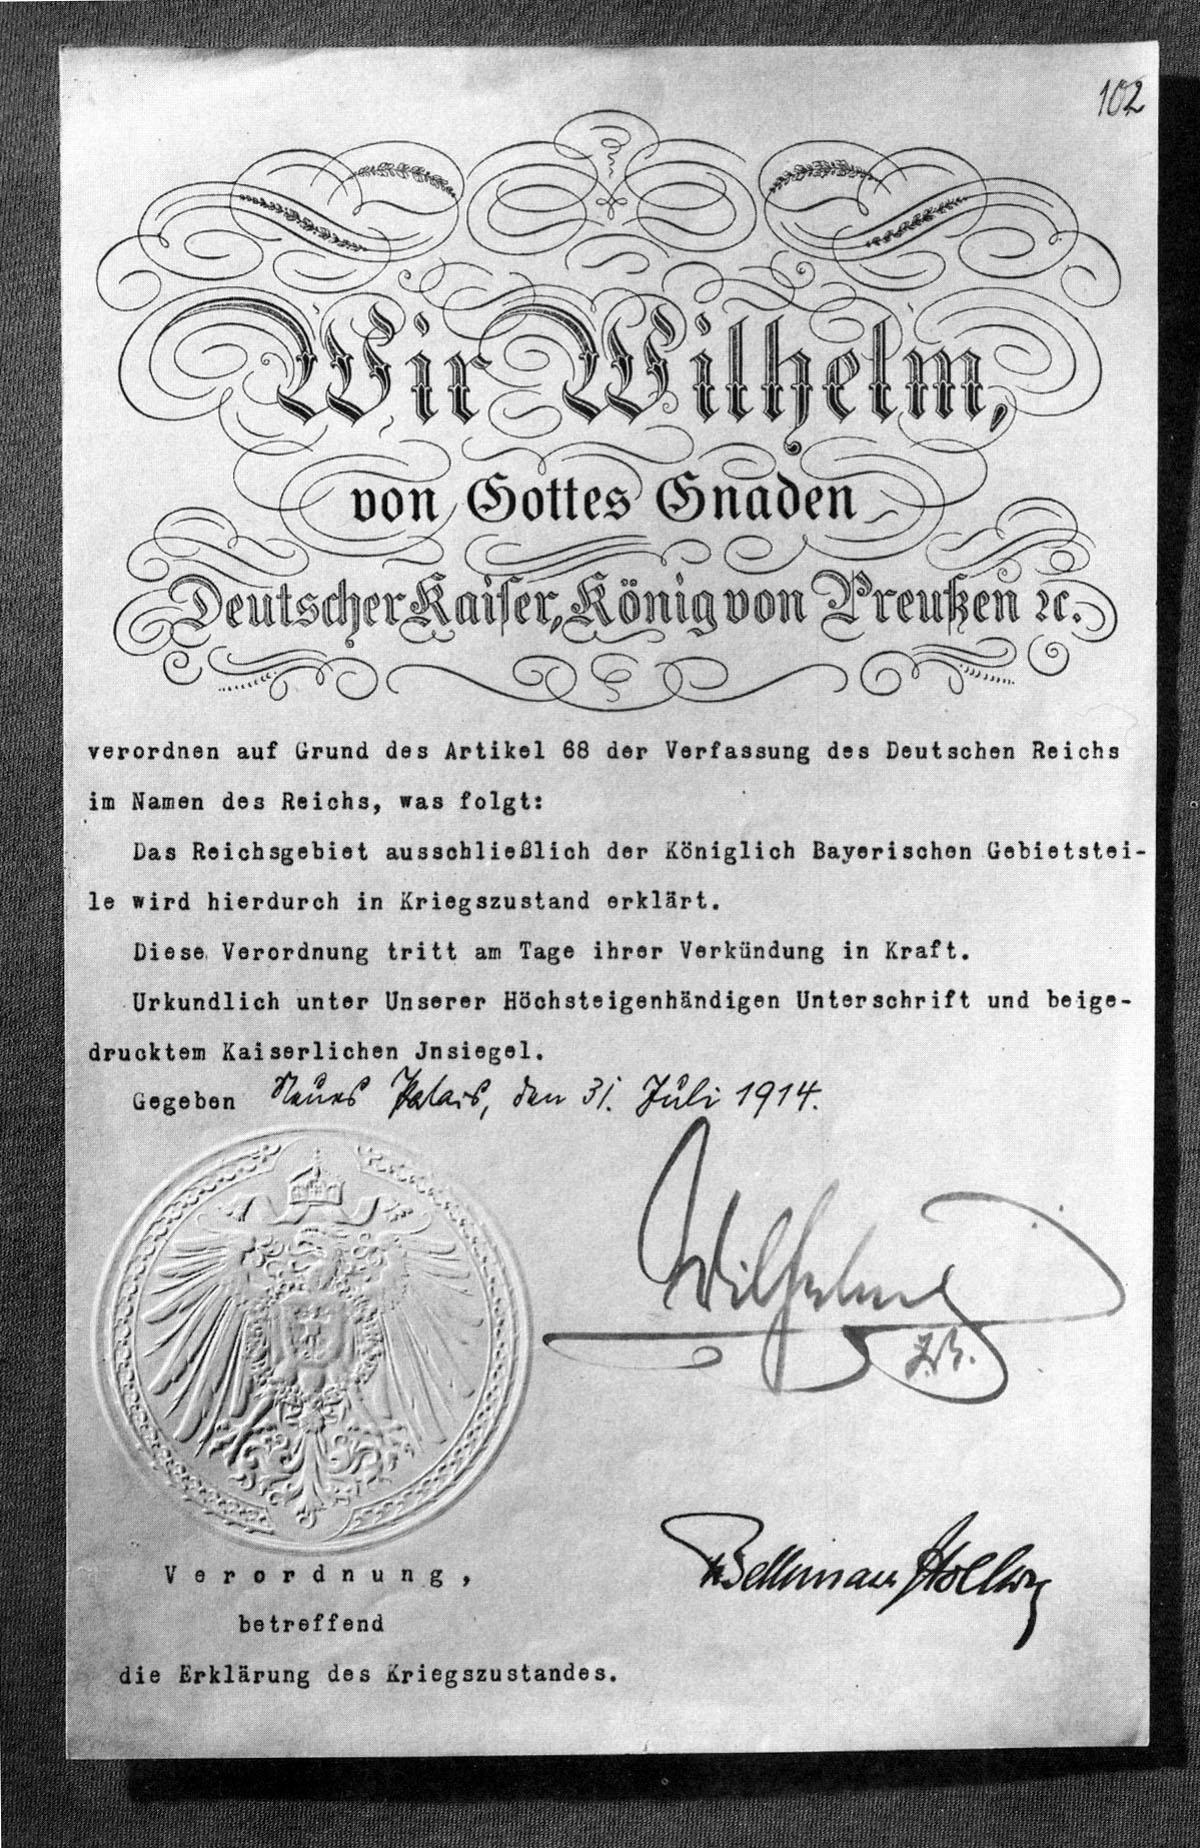 Wilhelm II. verordnete am 31. Juli 1914 den Kriegszustand (bekanntgegeben als Zustand der drohenden Kriegsgefahr) nach Art. 68 der Reichsverfassung